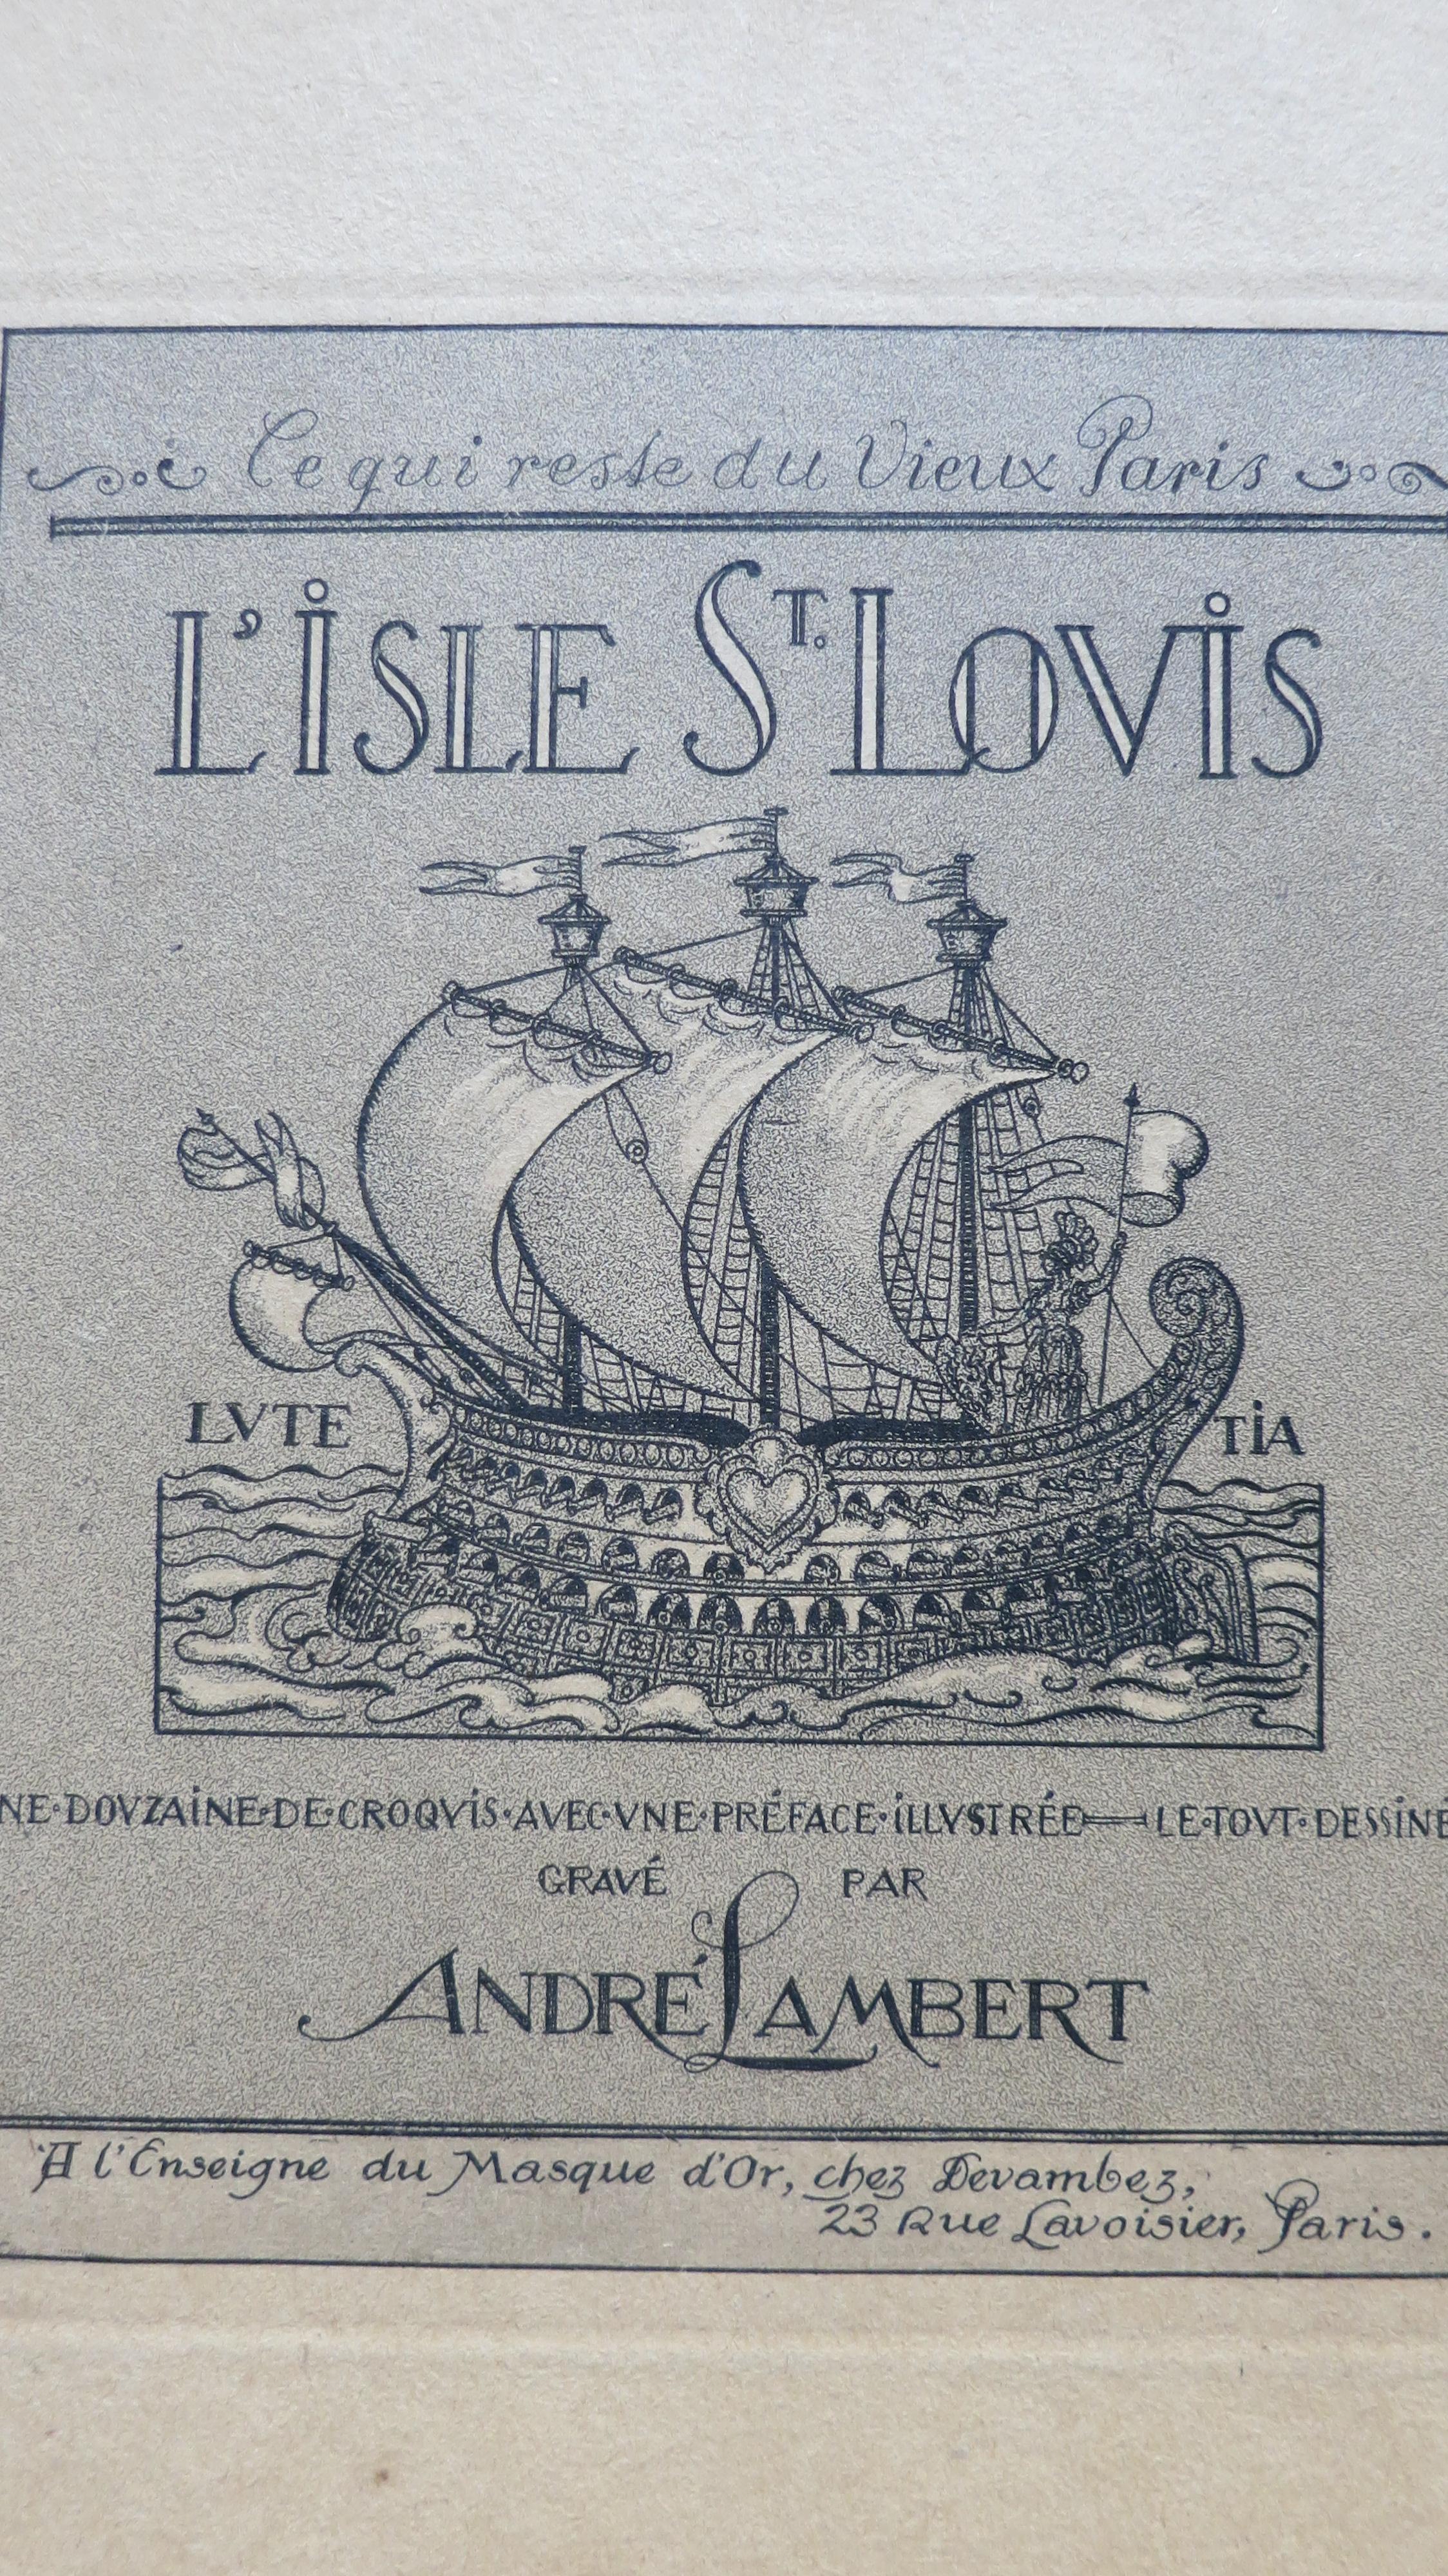 Ce qui reste du vieux Paris L'Isle Saint Louis